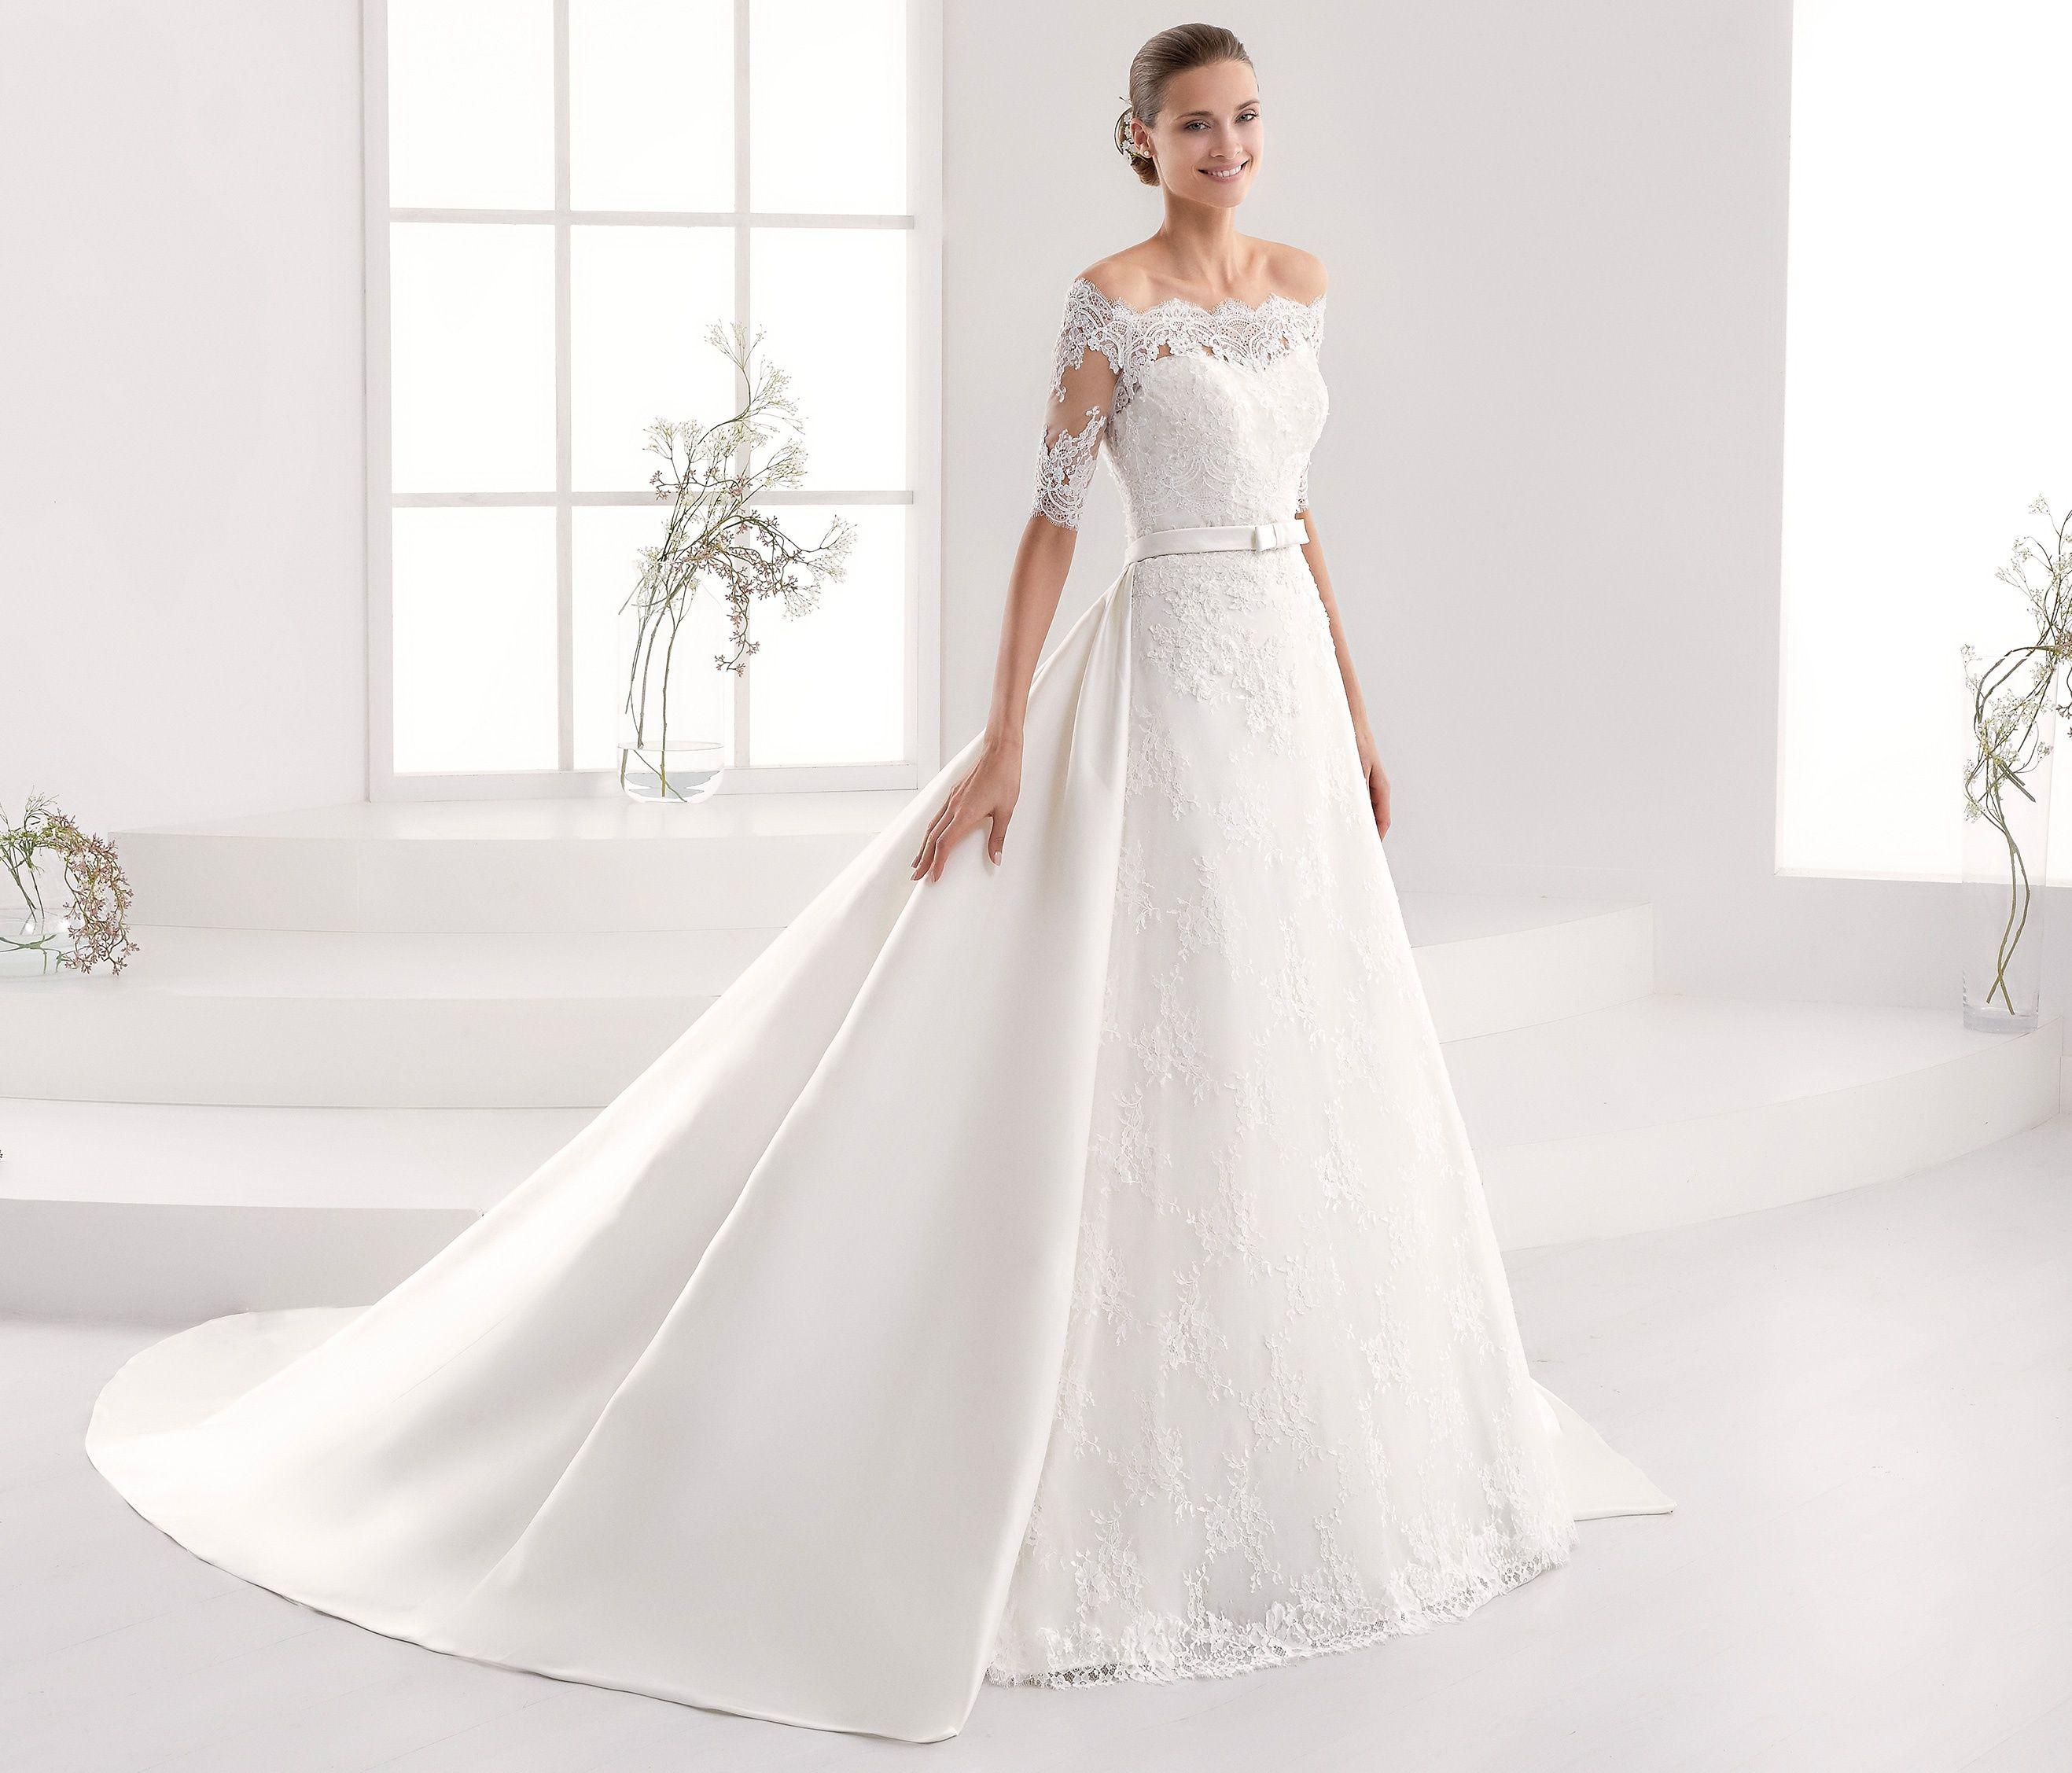 Moda sposa 2018 - Collezione AURORA. AUAB18921. Abito da sposa Nicole. 033710529c3